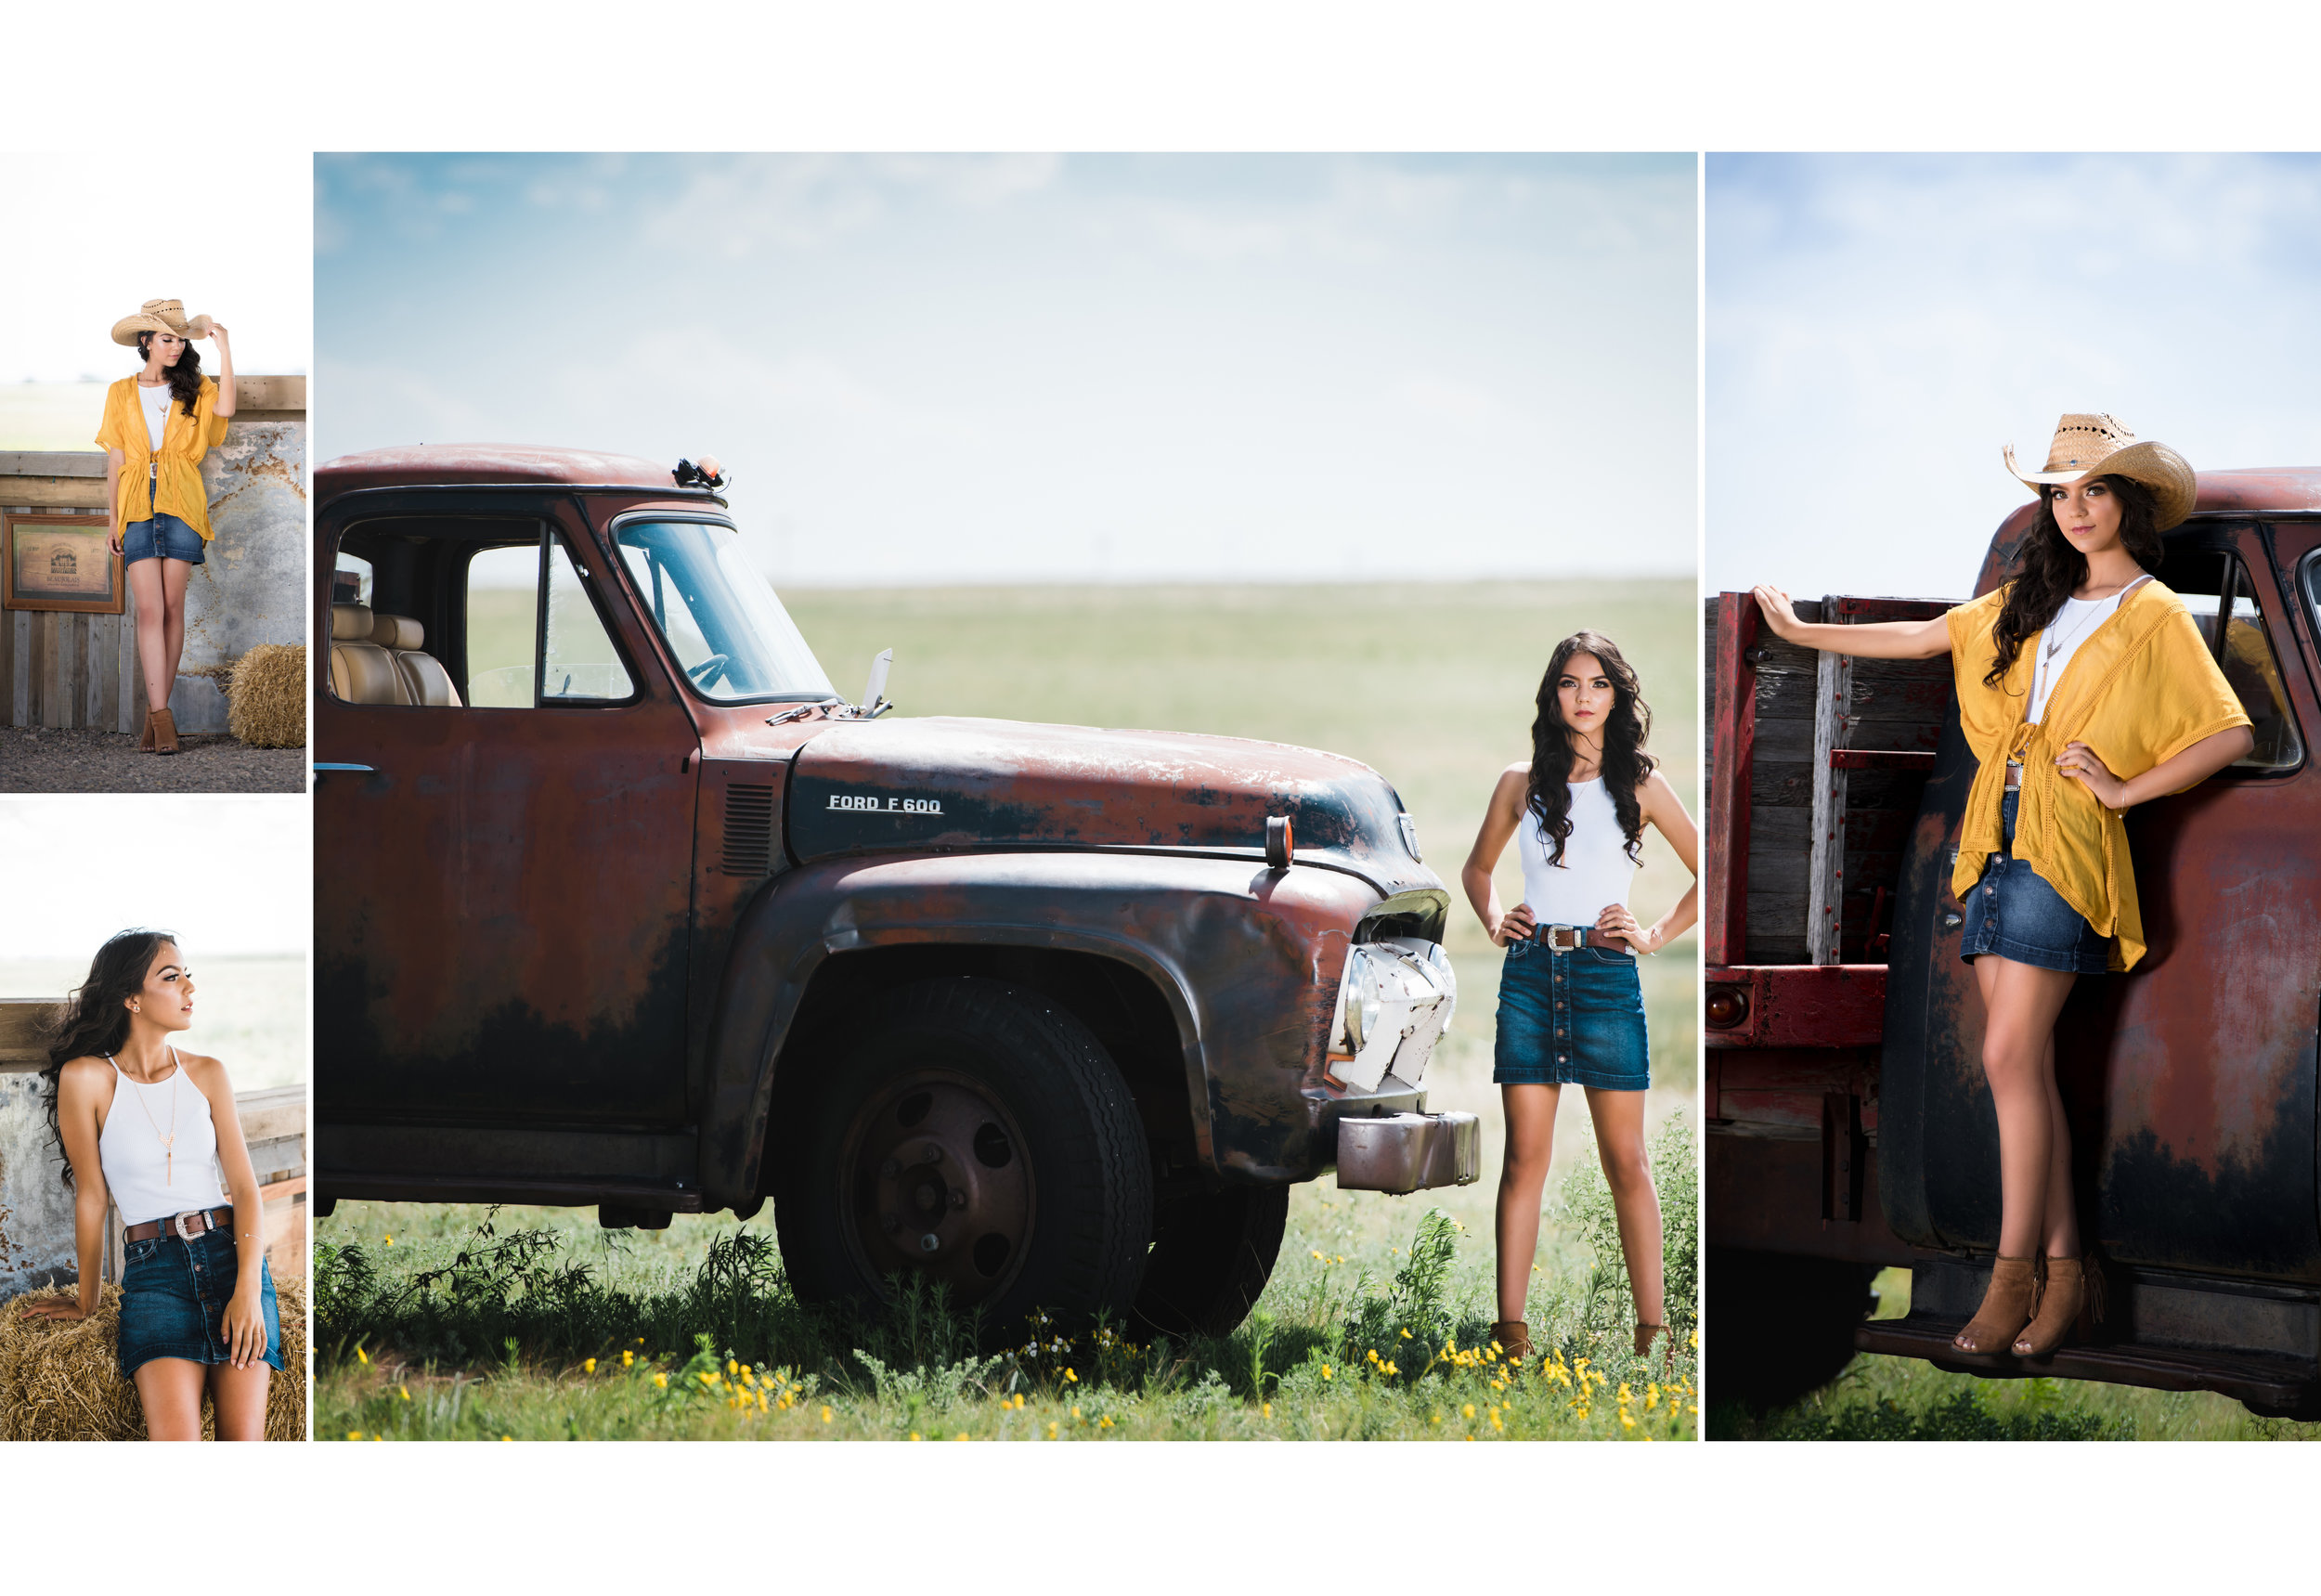 Estudio fotográfico en Denver, Colorado con equipo profesional